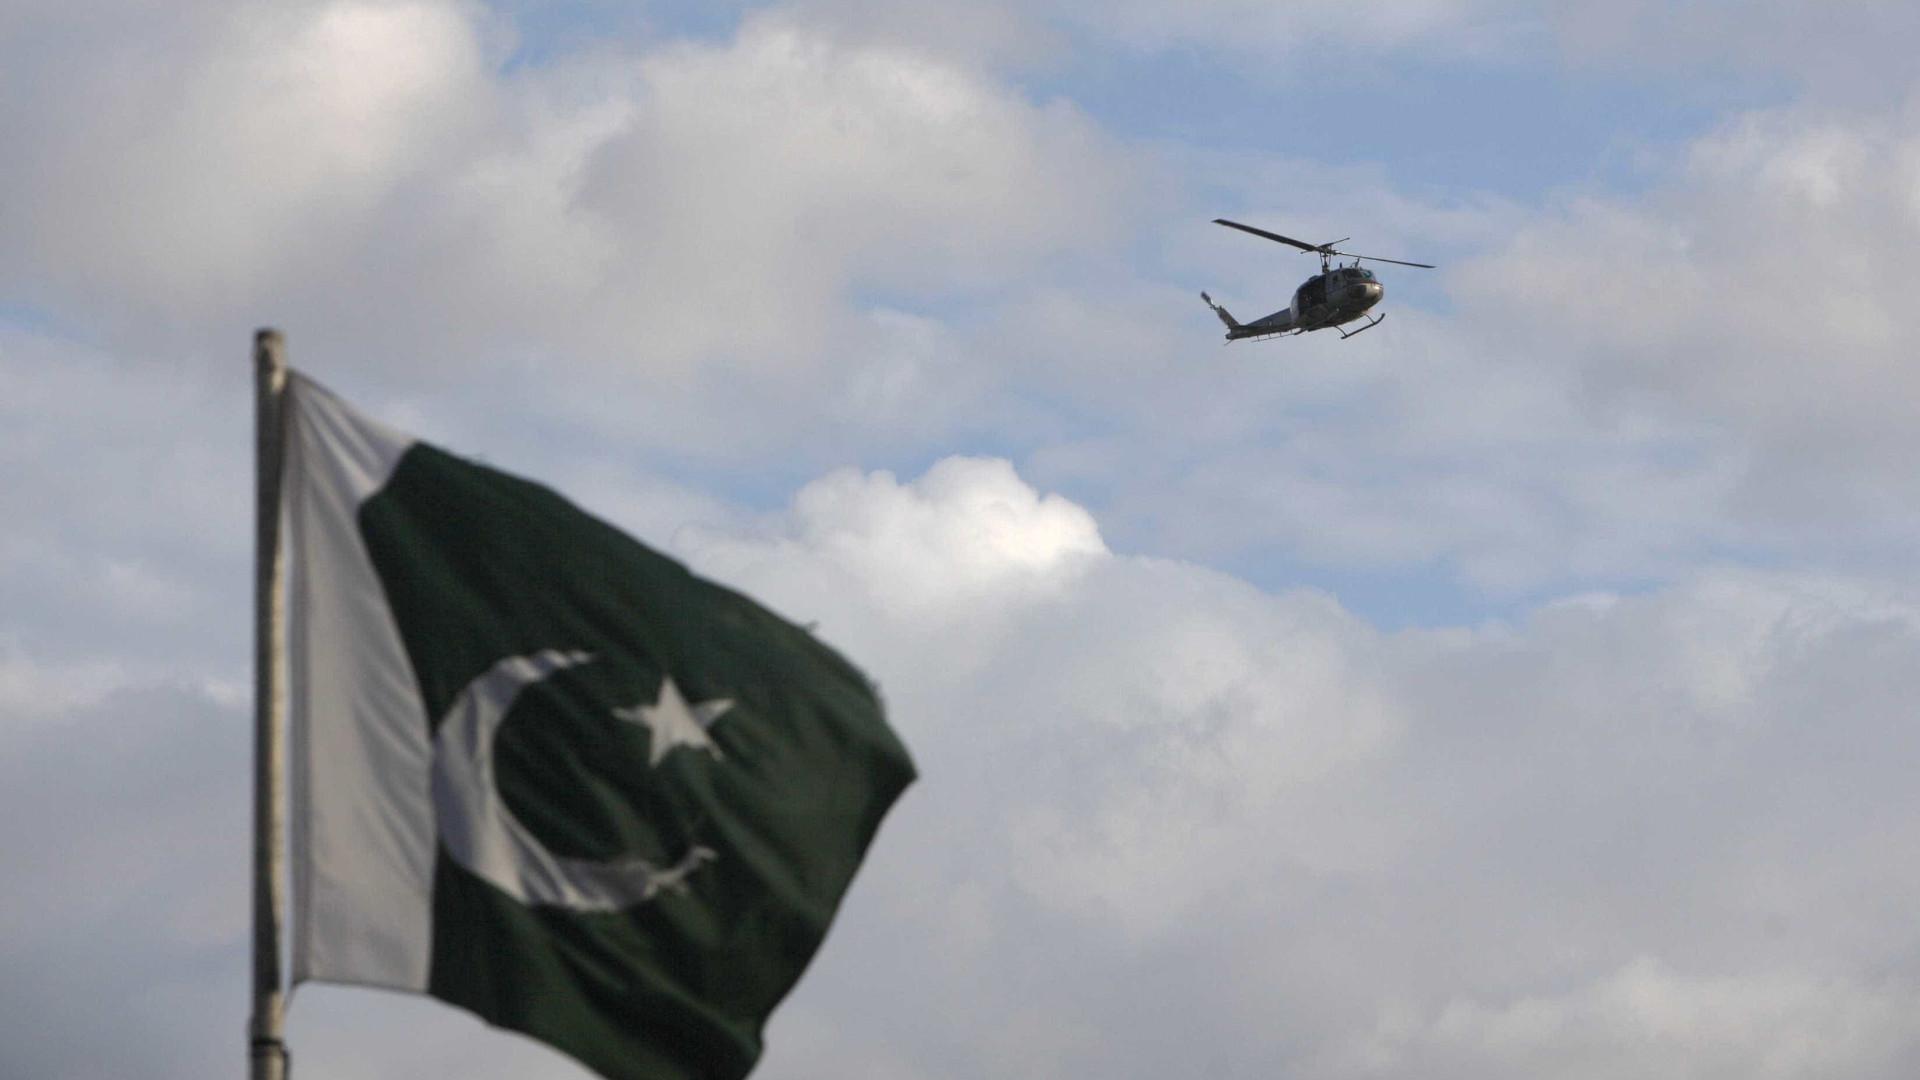 Acidente perto de ilha paquistanesa provocou pelo menos 13 mortos